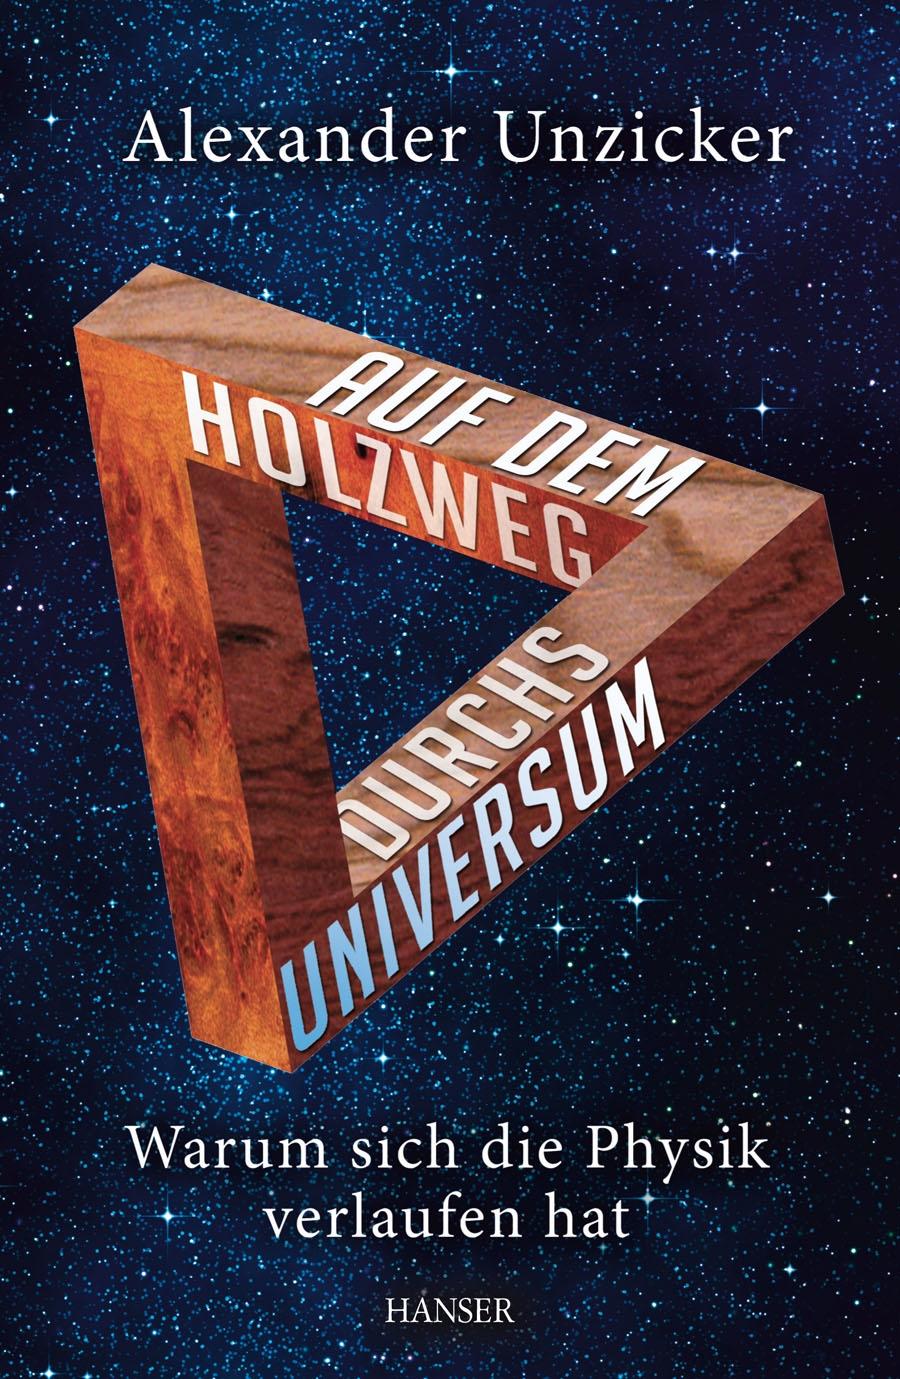 Auf dem Holzweg durchs Universum